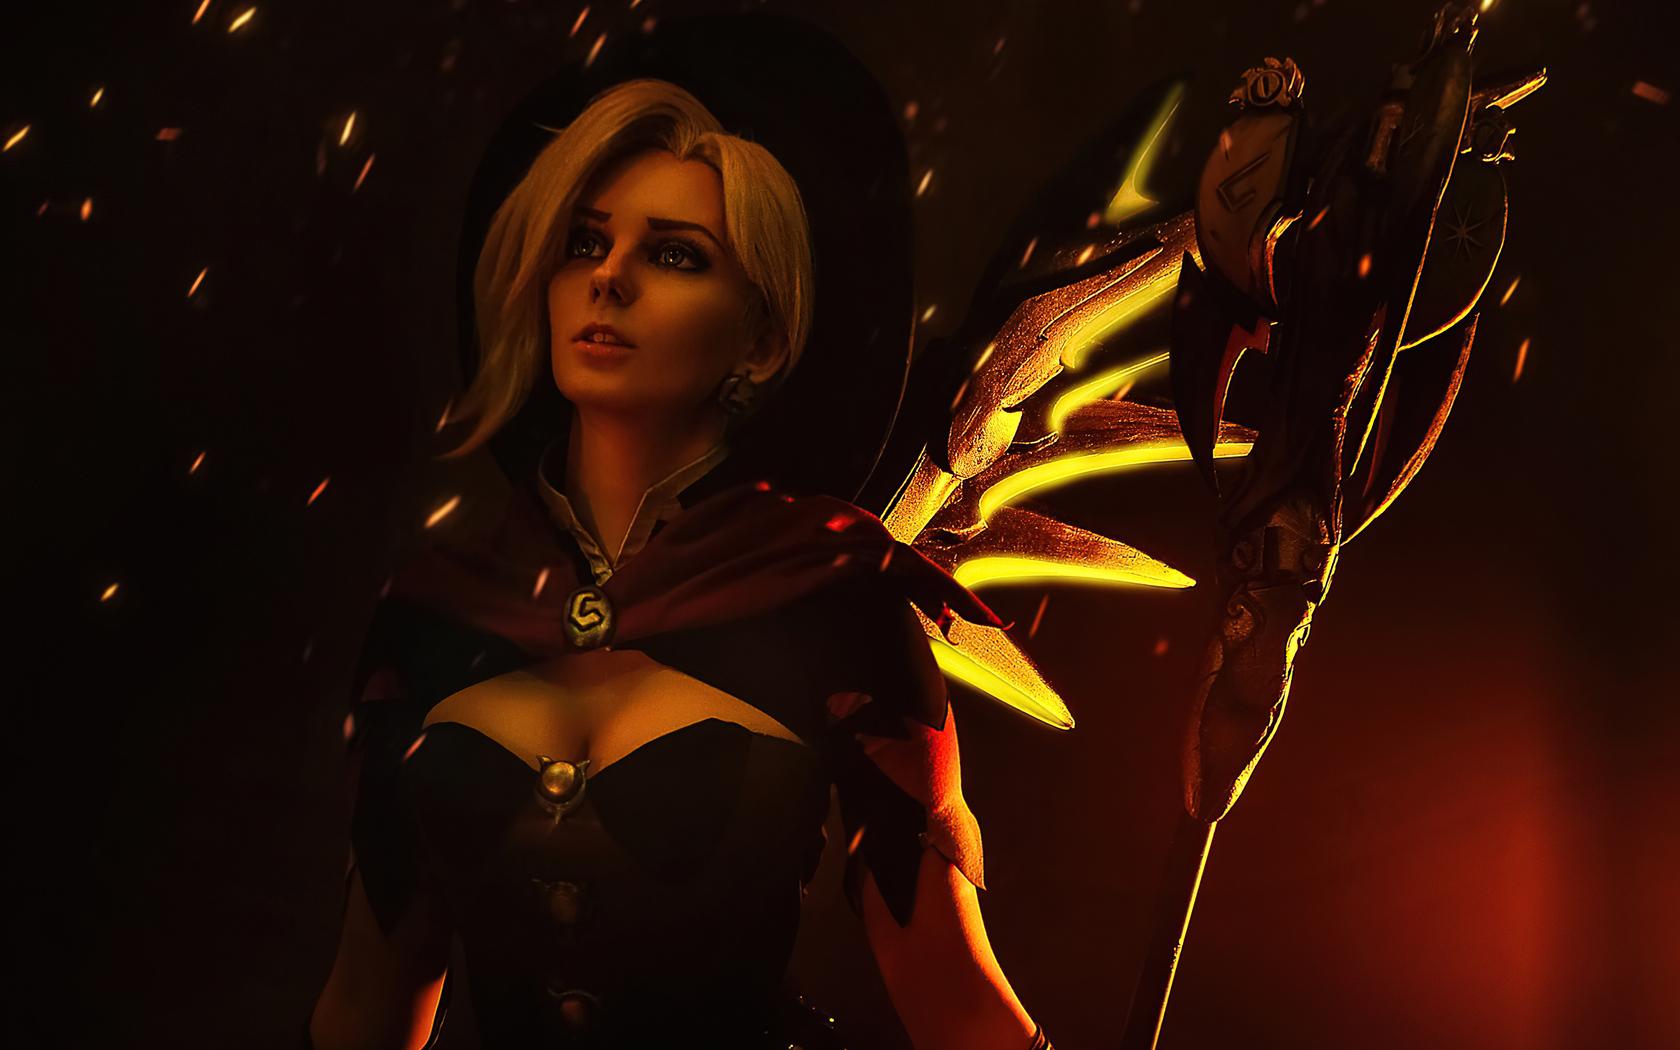 mercy-overwatch-witch-cosplay-4k-x1.jpg